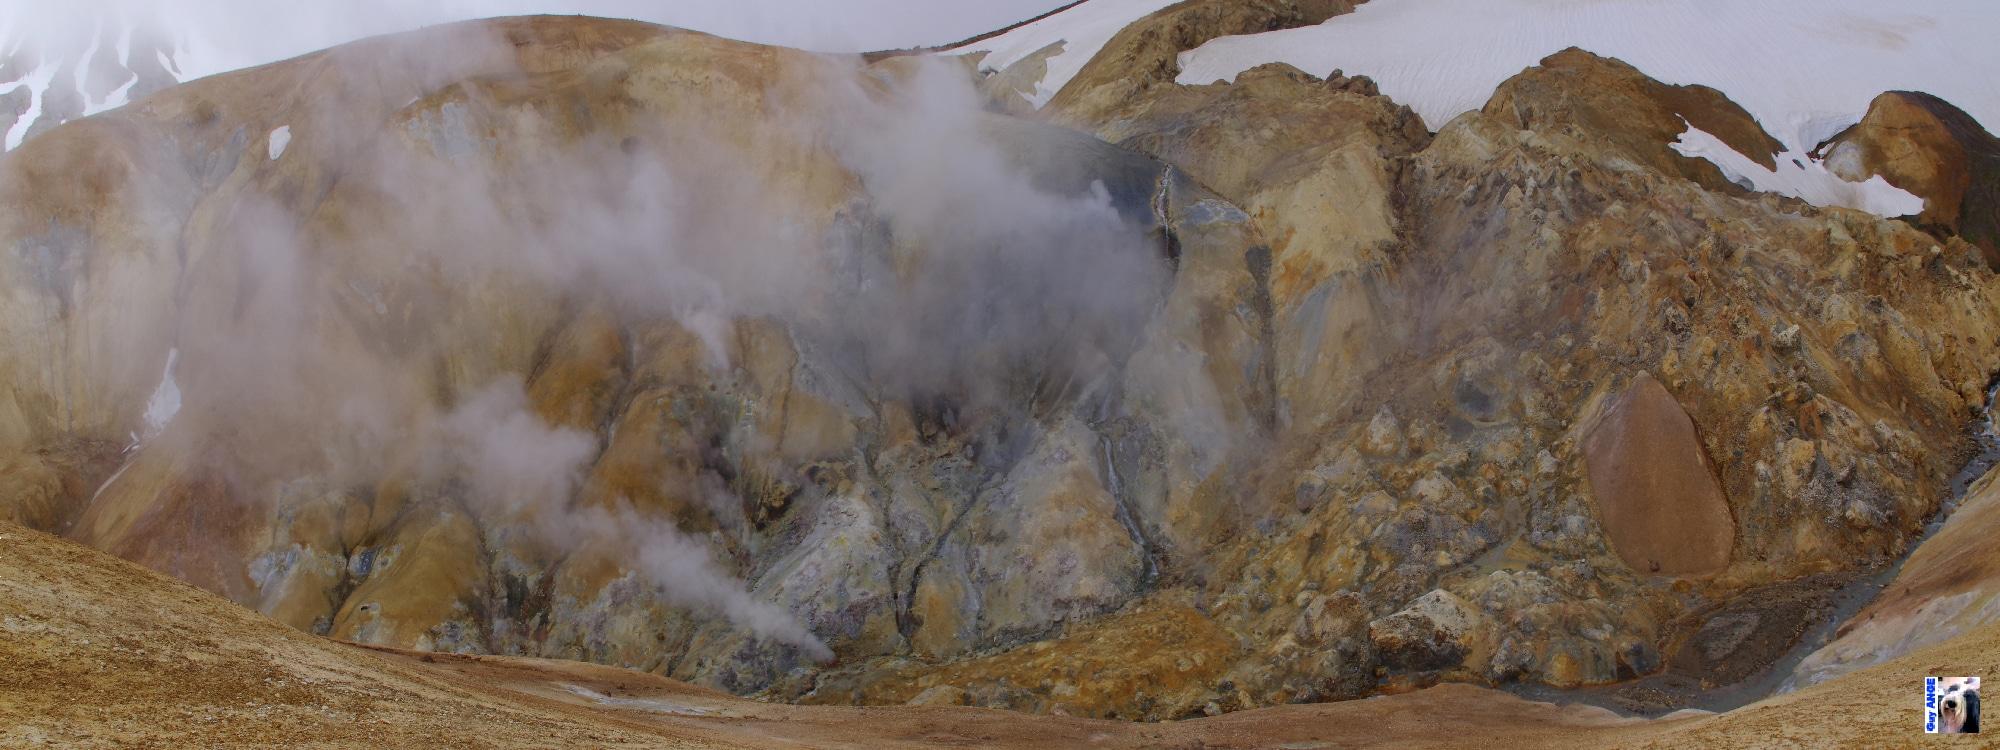 Kerlingarfjöllm les collines de rhyolytem les geysers et solfatares et en bas les mares de boues.